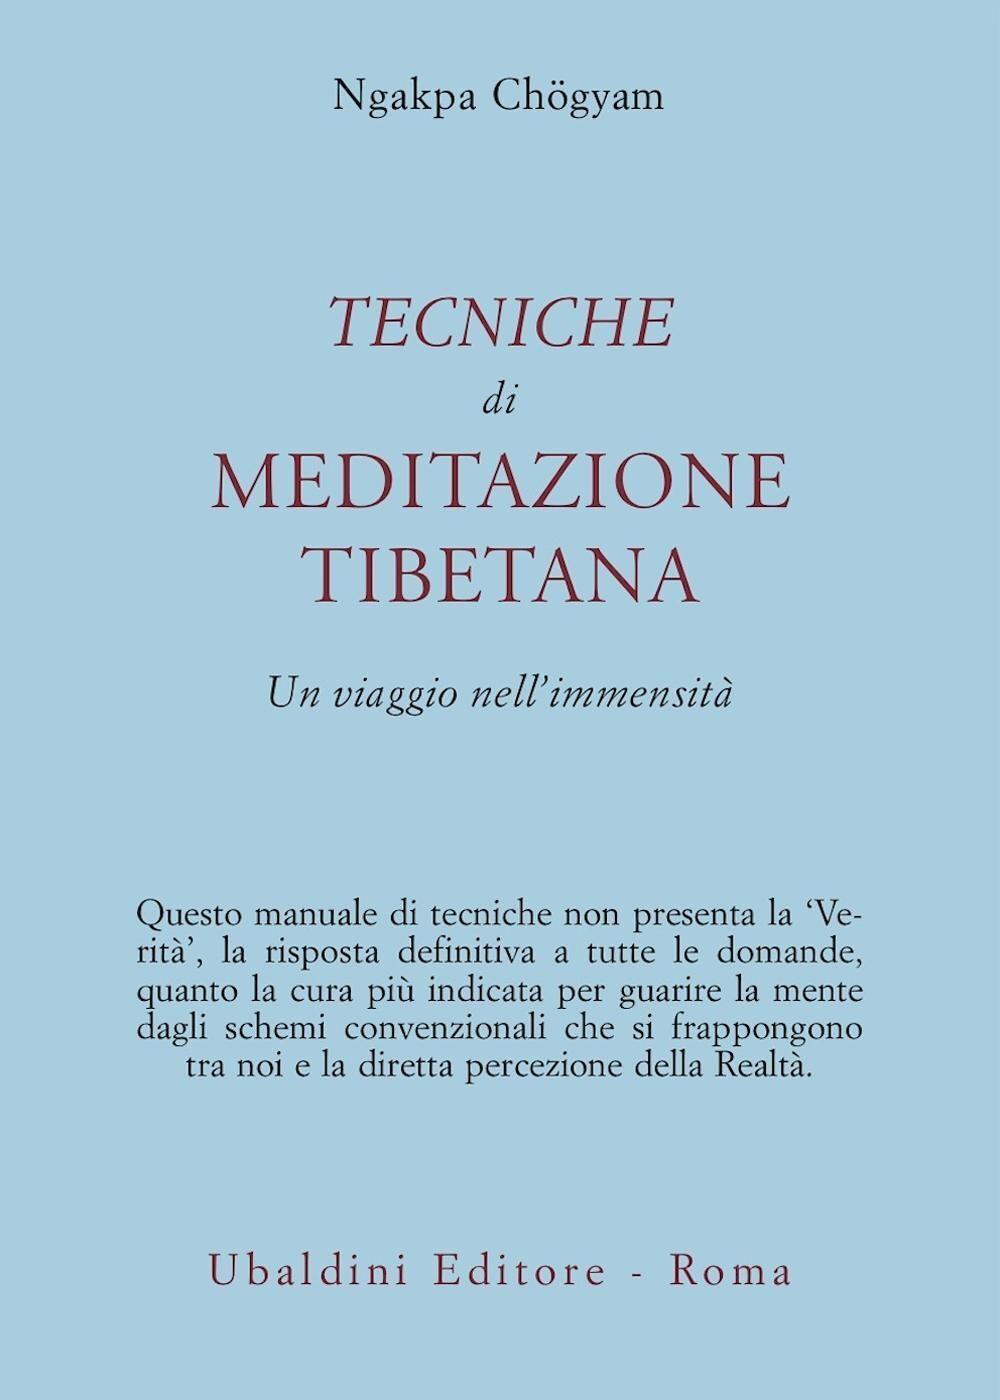 Tecniche di meditazione tibetana. Un viaggio nell'immensità